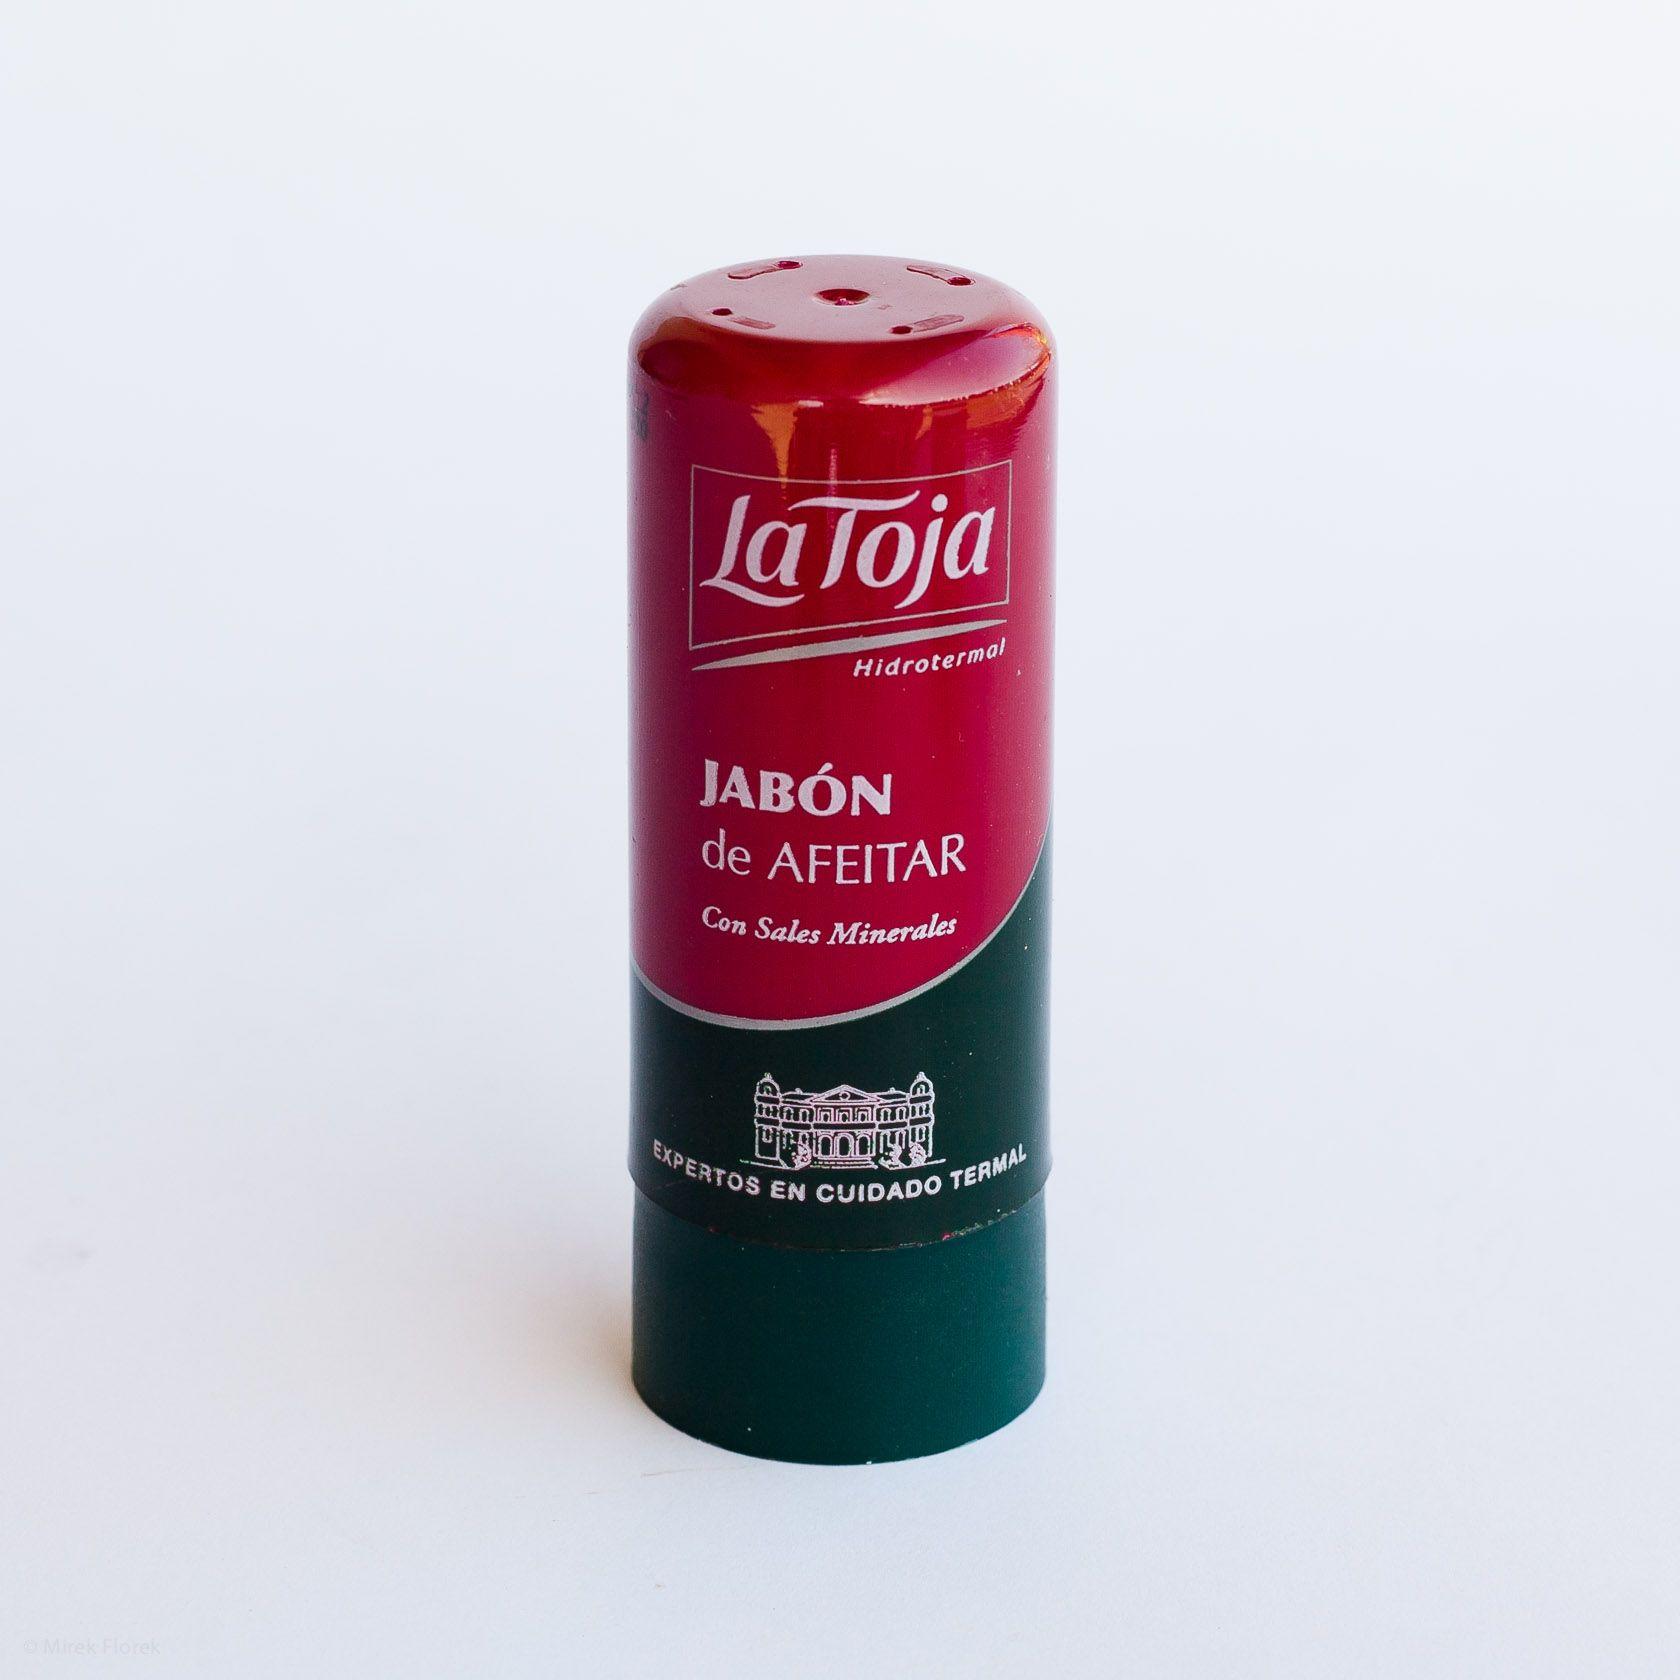 Mydło do golenia w sztyfcie La Toja Jabón de Afeitar (Shaving Stick)